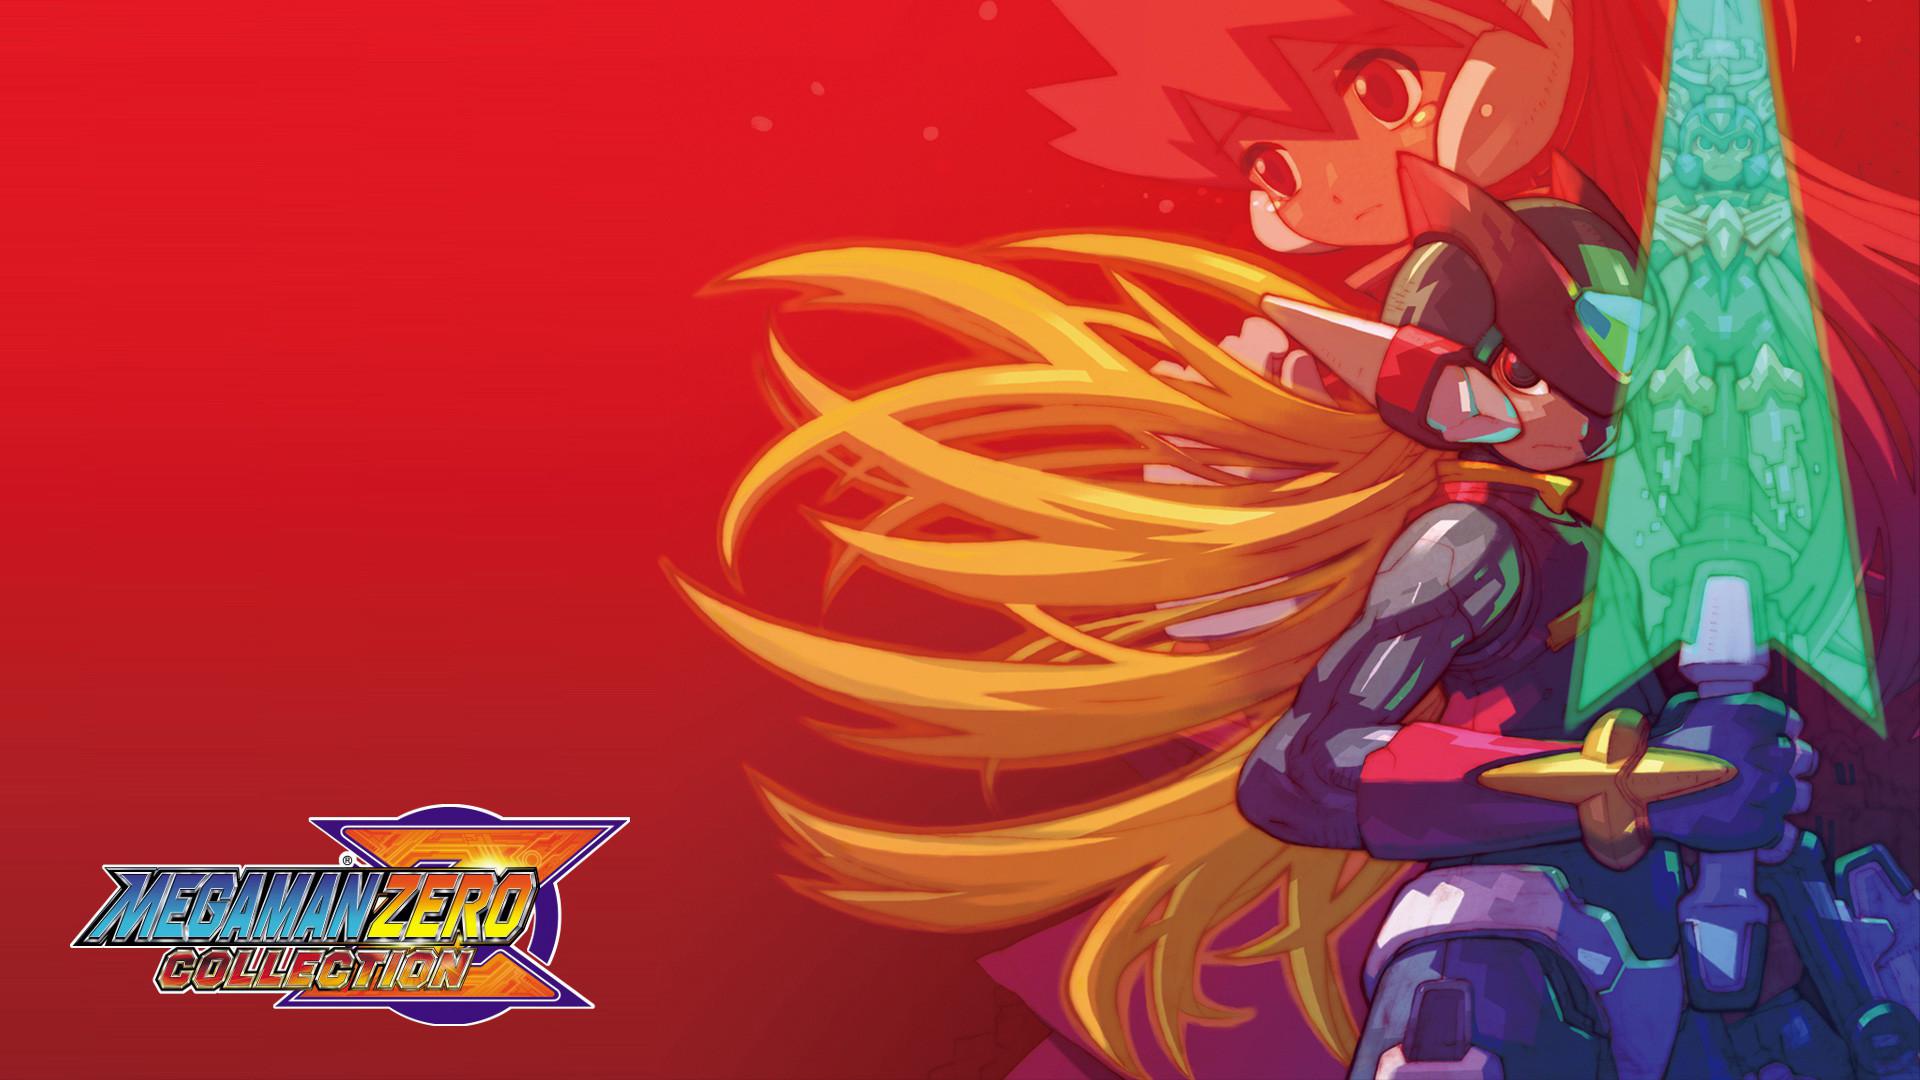 Tags: Mega Man …